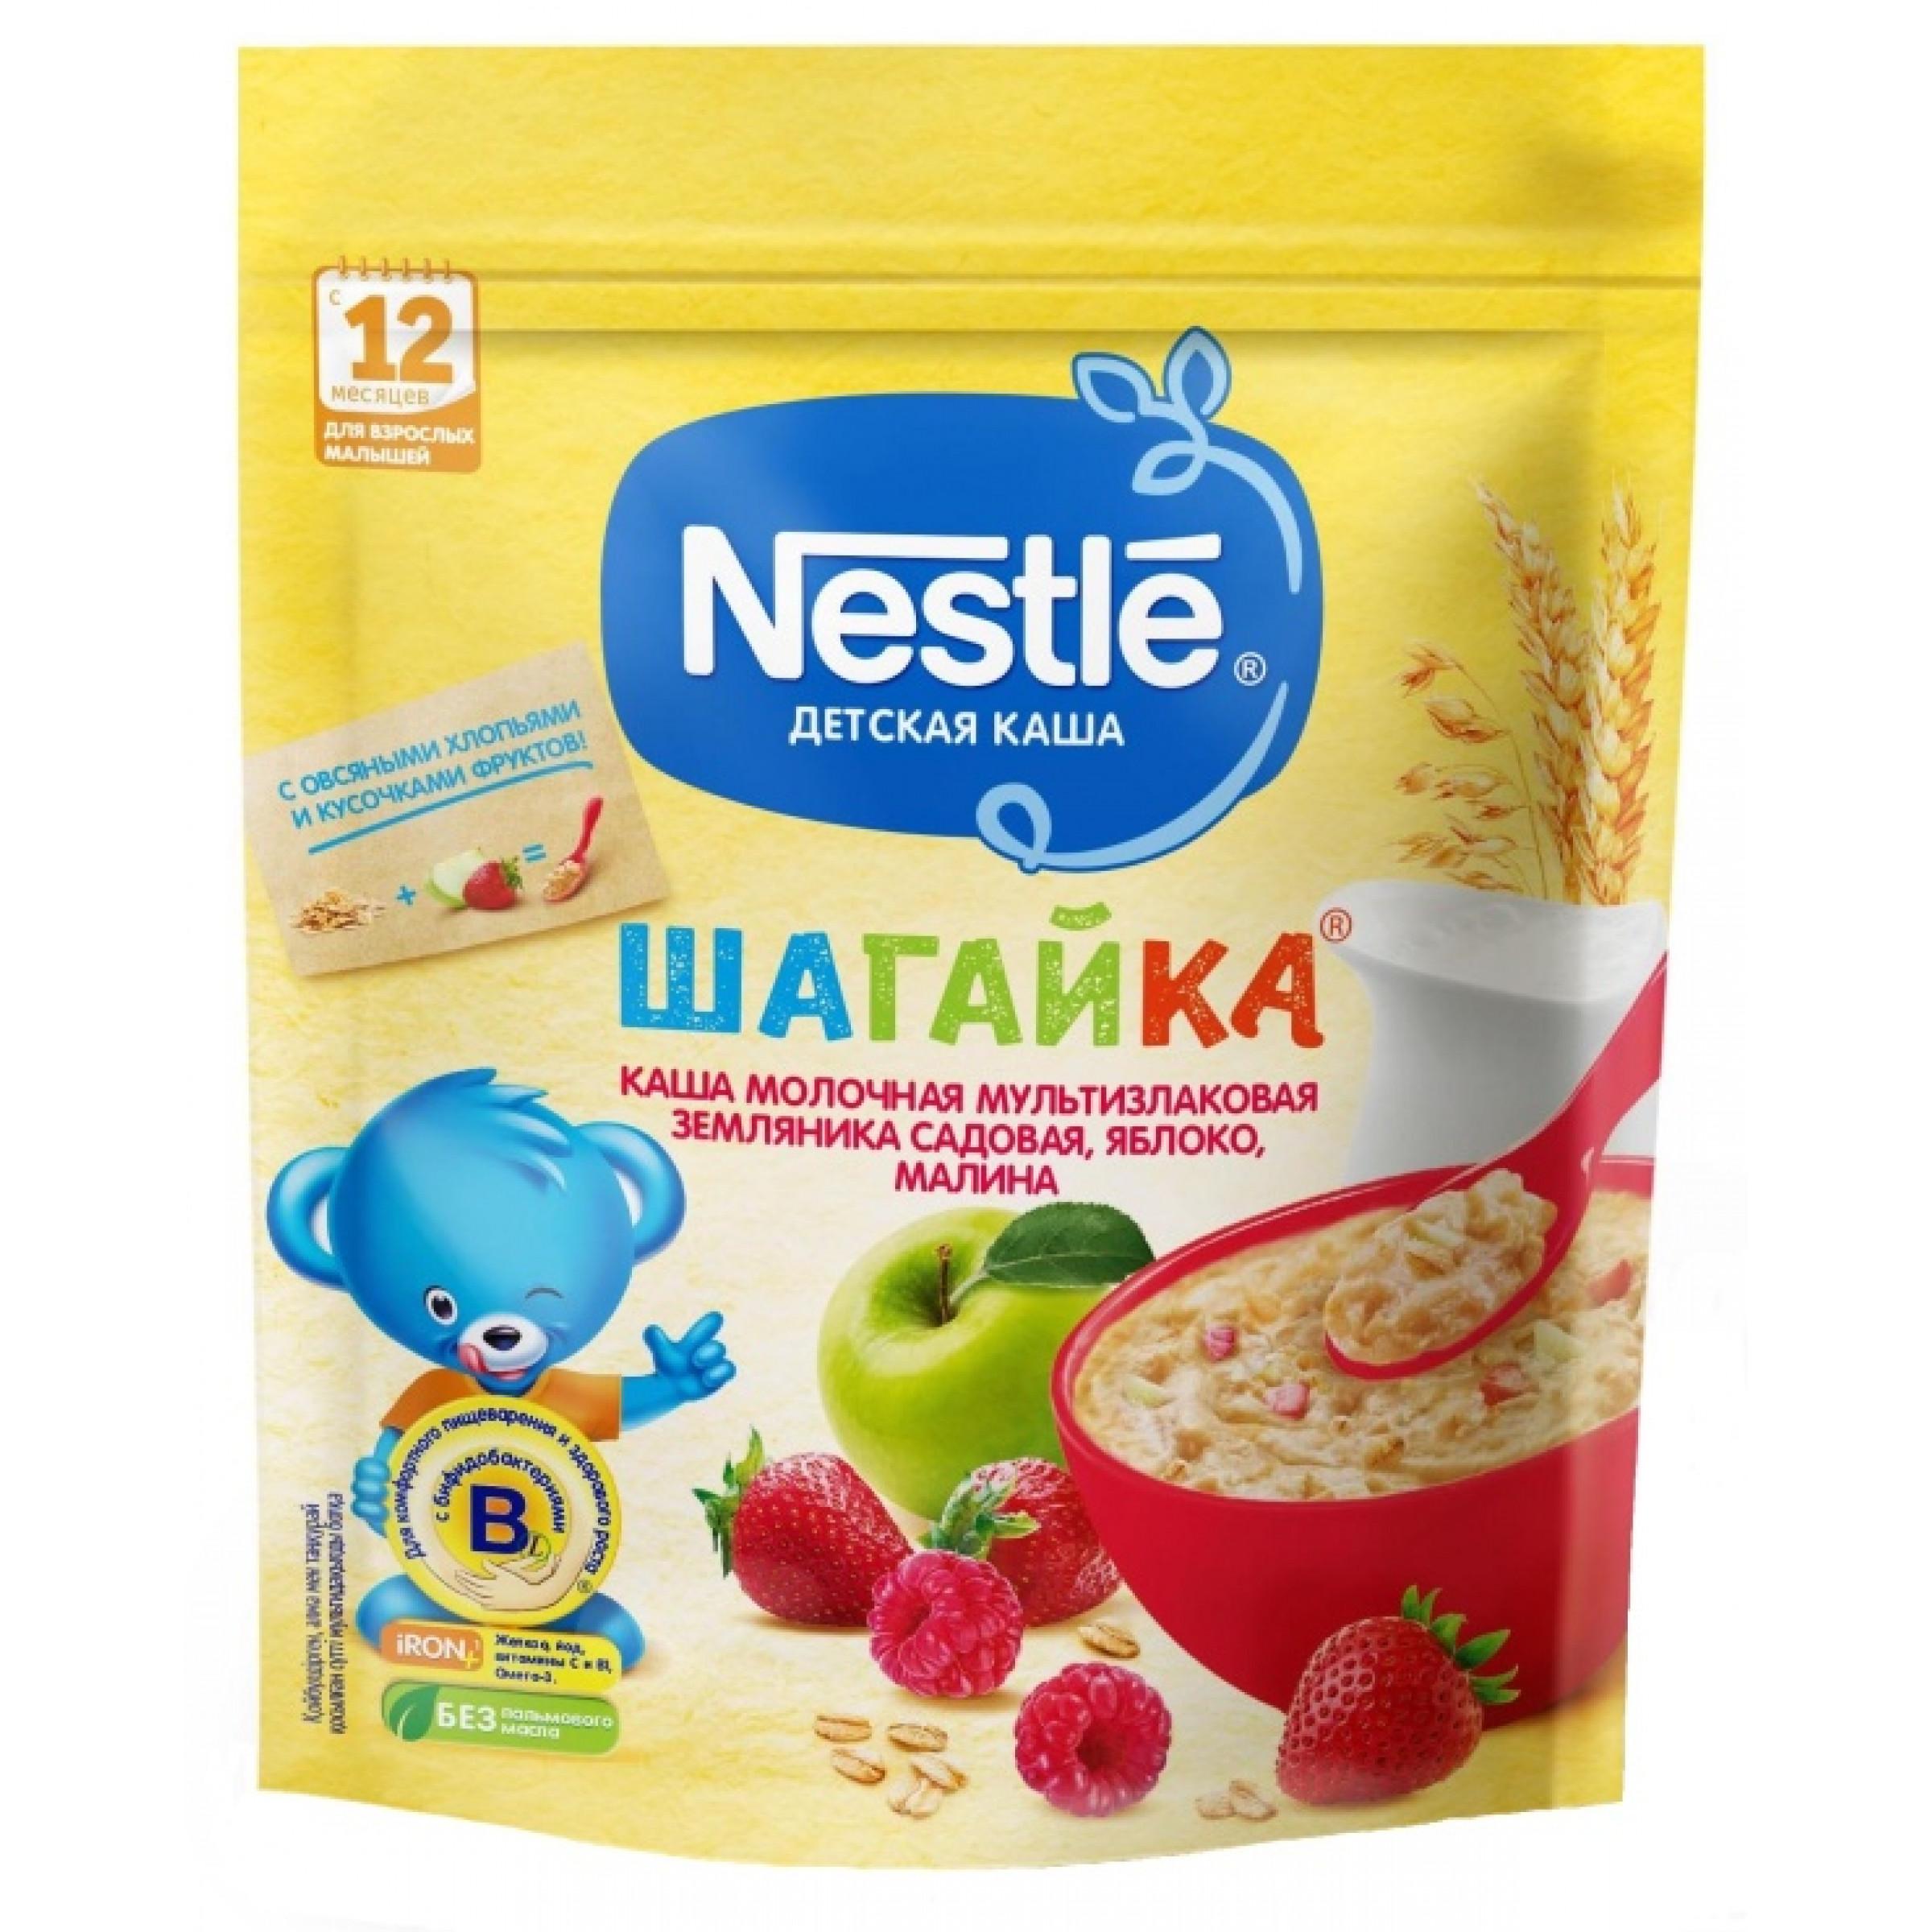 Каша Nestle ШАГАЙКА молочная мультизлаковая с овсяными хлопьями земляника садовая, яблоко, малина с 12 месяцев, 200 гр